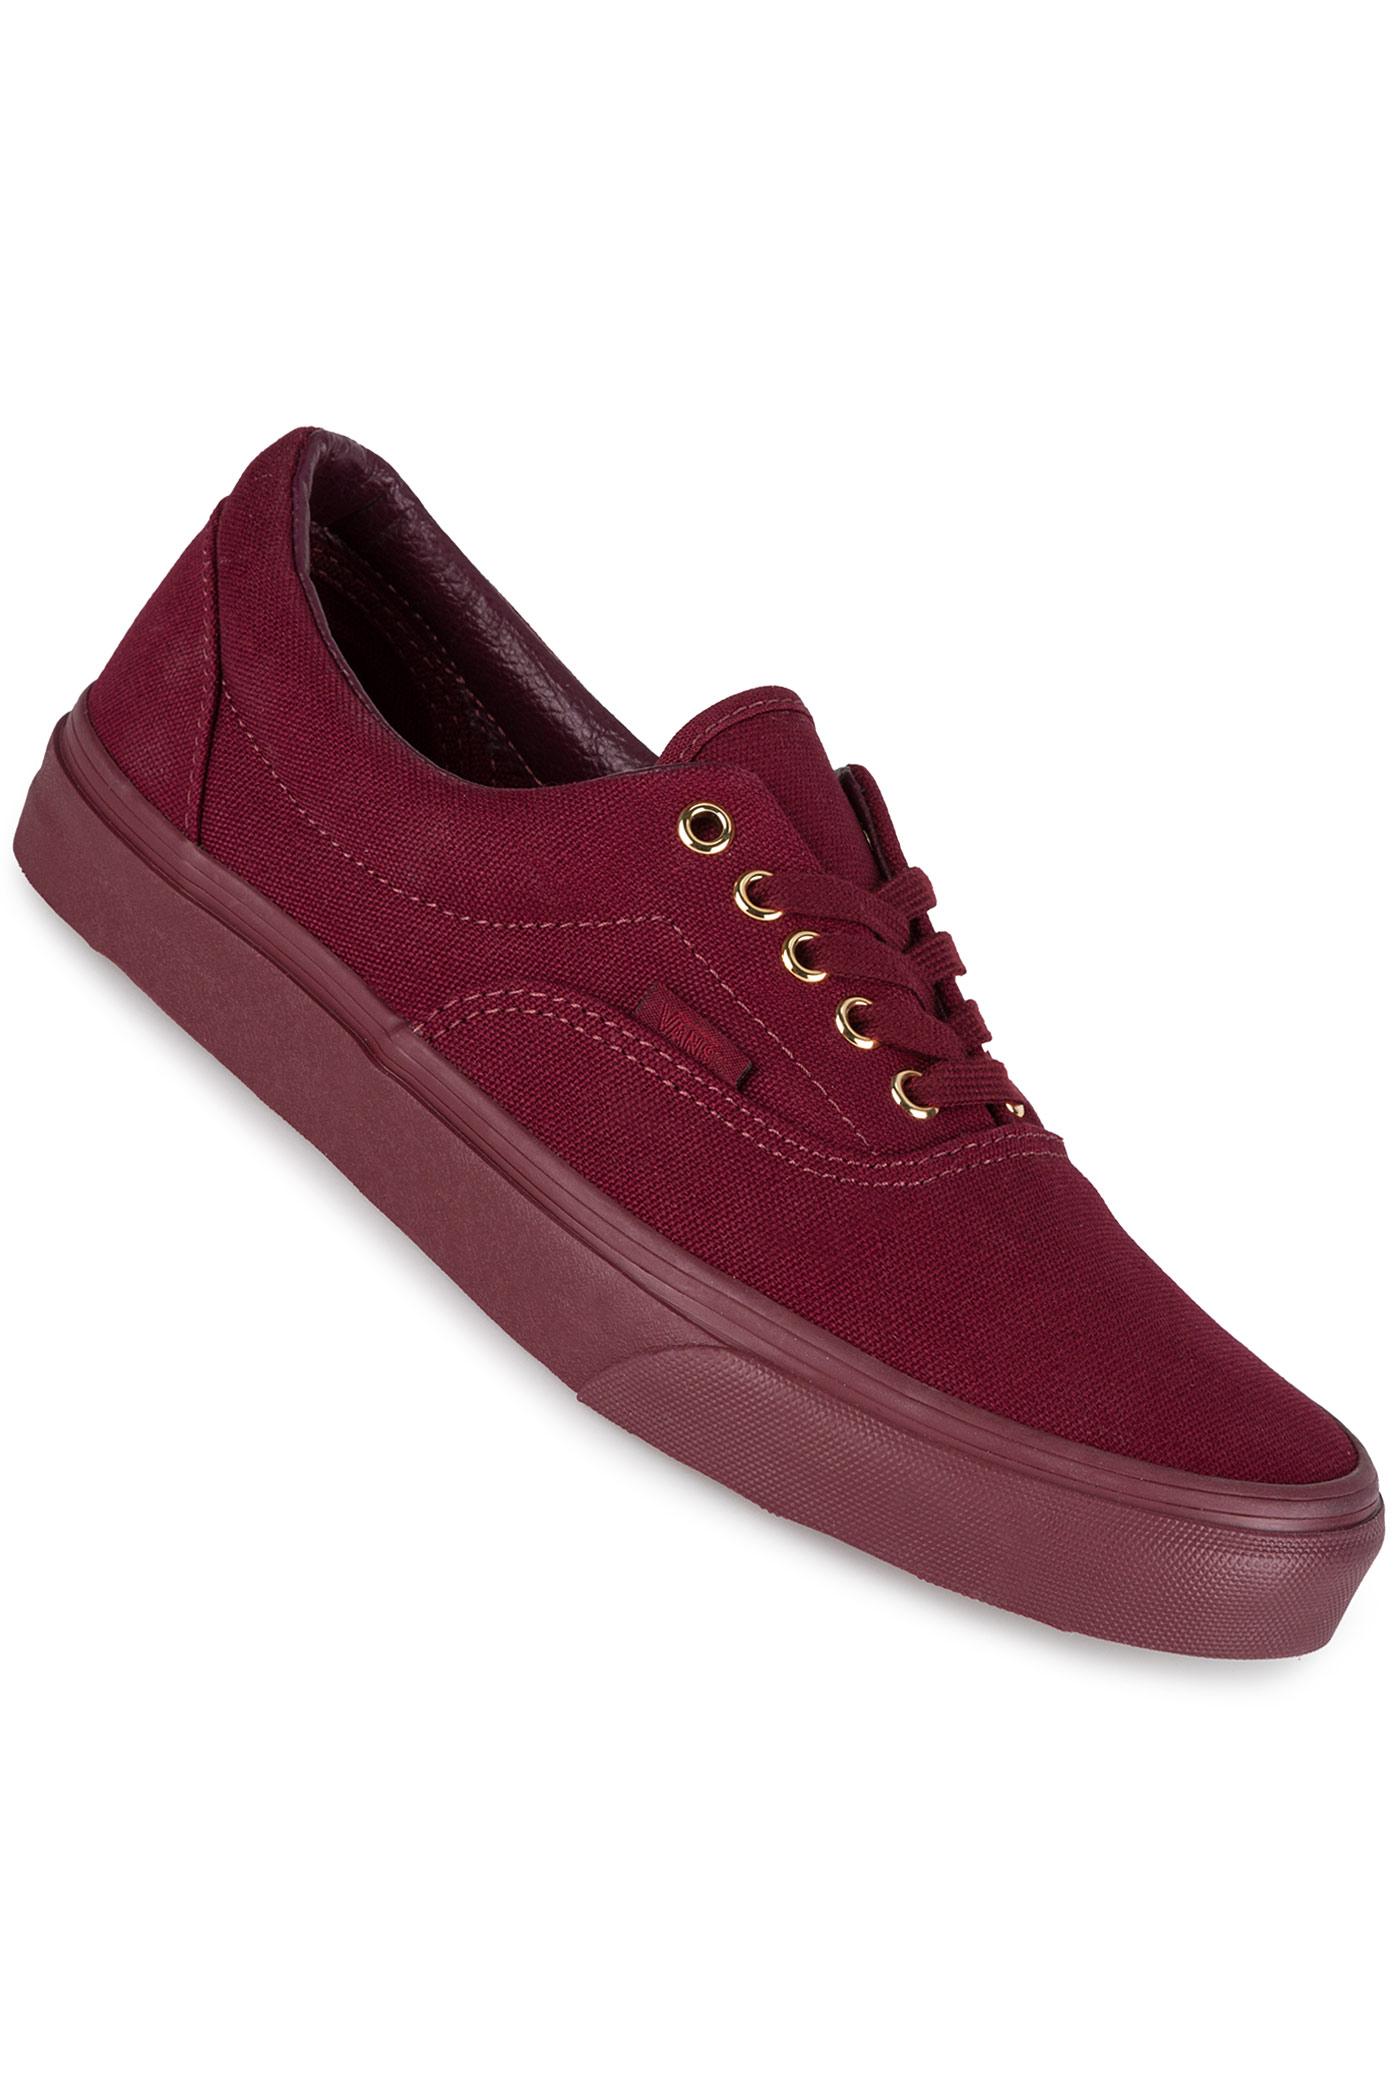 4f41923d4cad29 Daftar Harga Vans Era Shoes Gold Mono Port Royale Free Uk Delivery ...